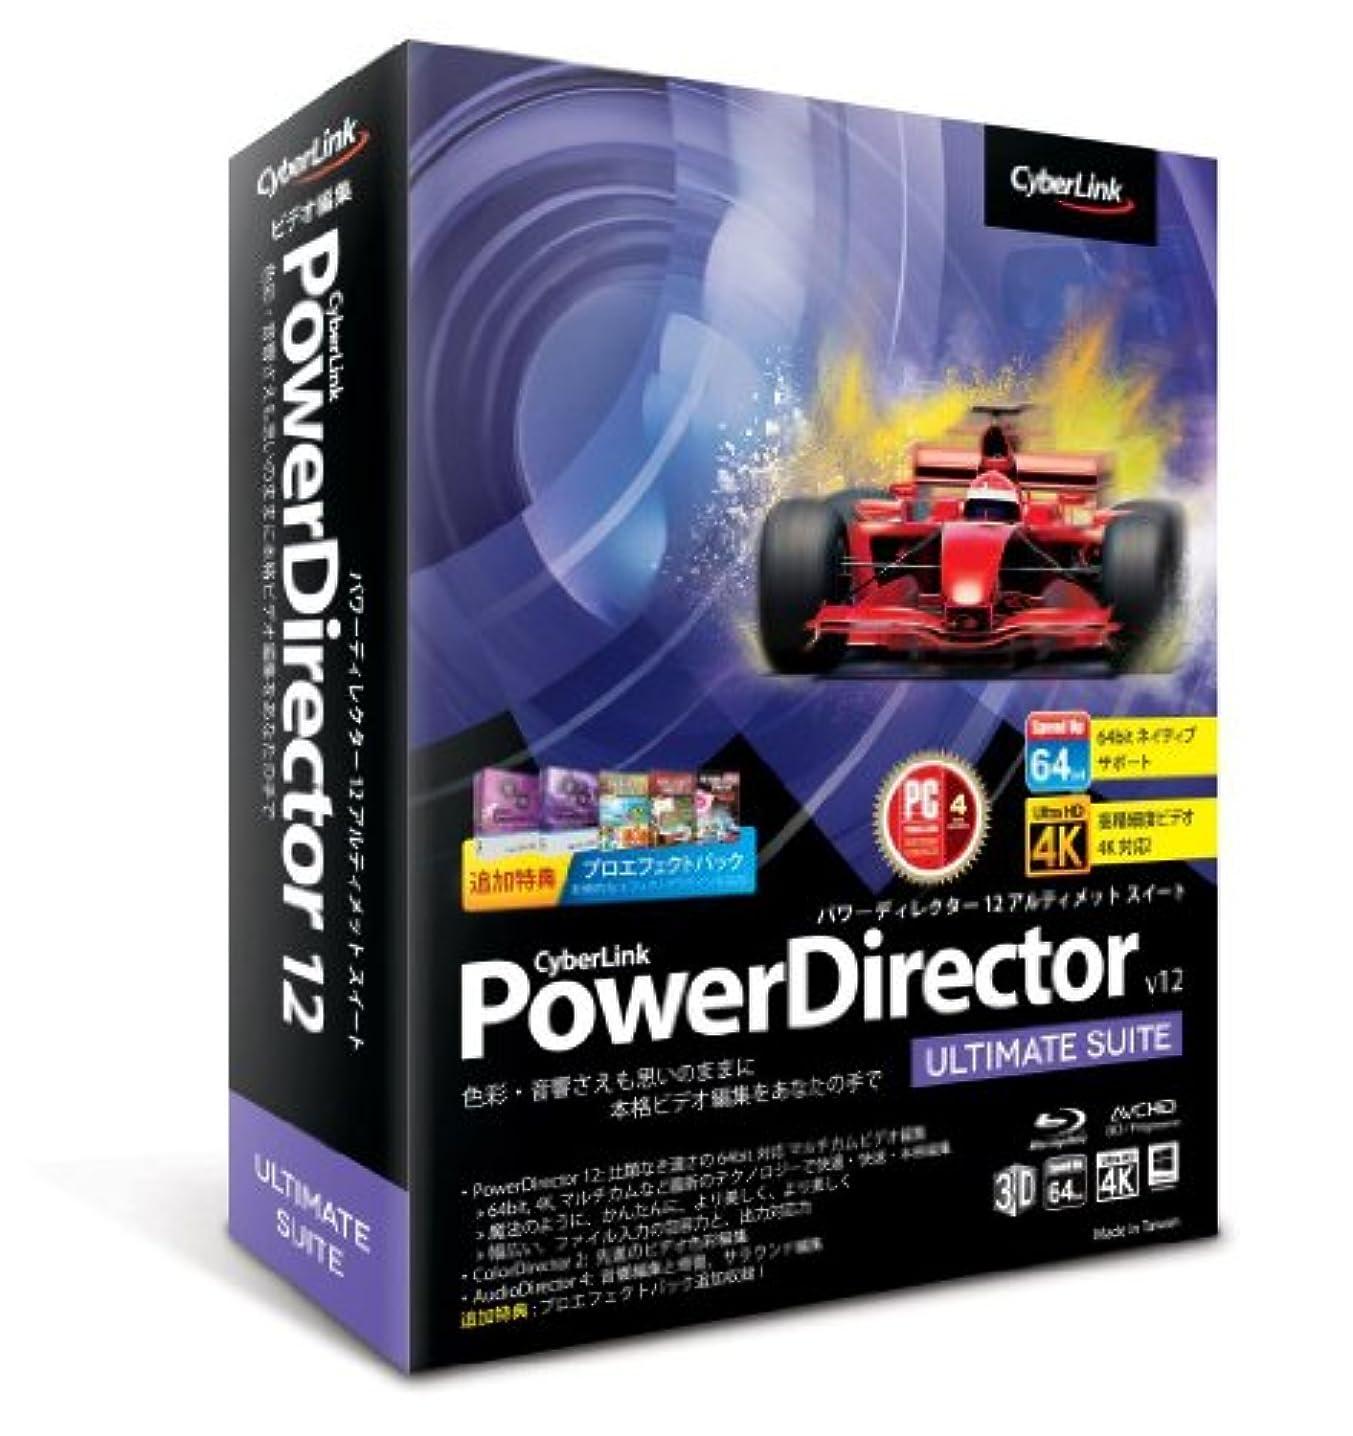 PowerDirector12 Ultimate Suite